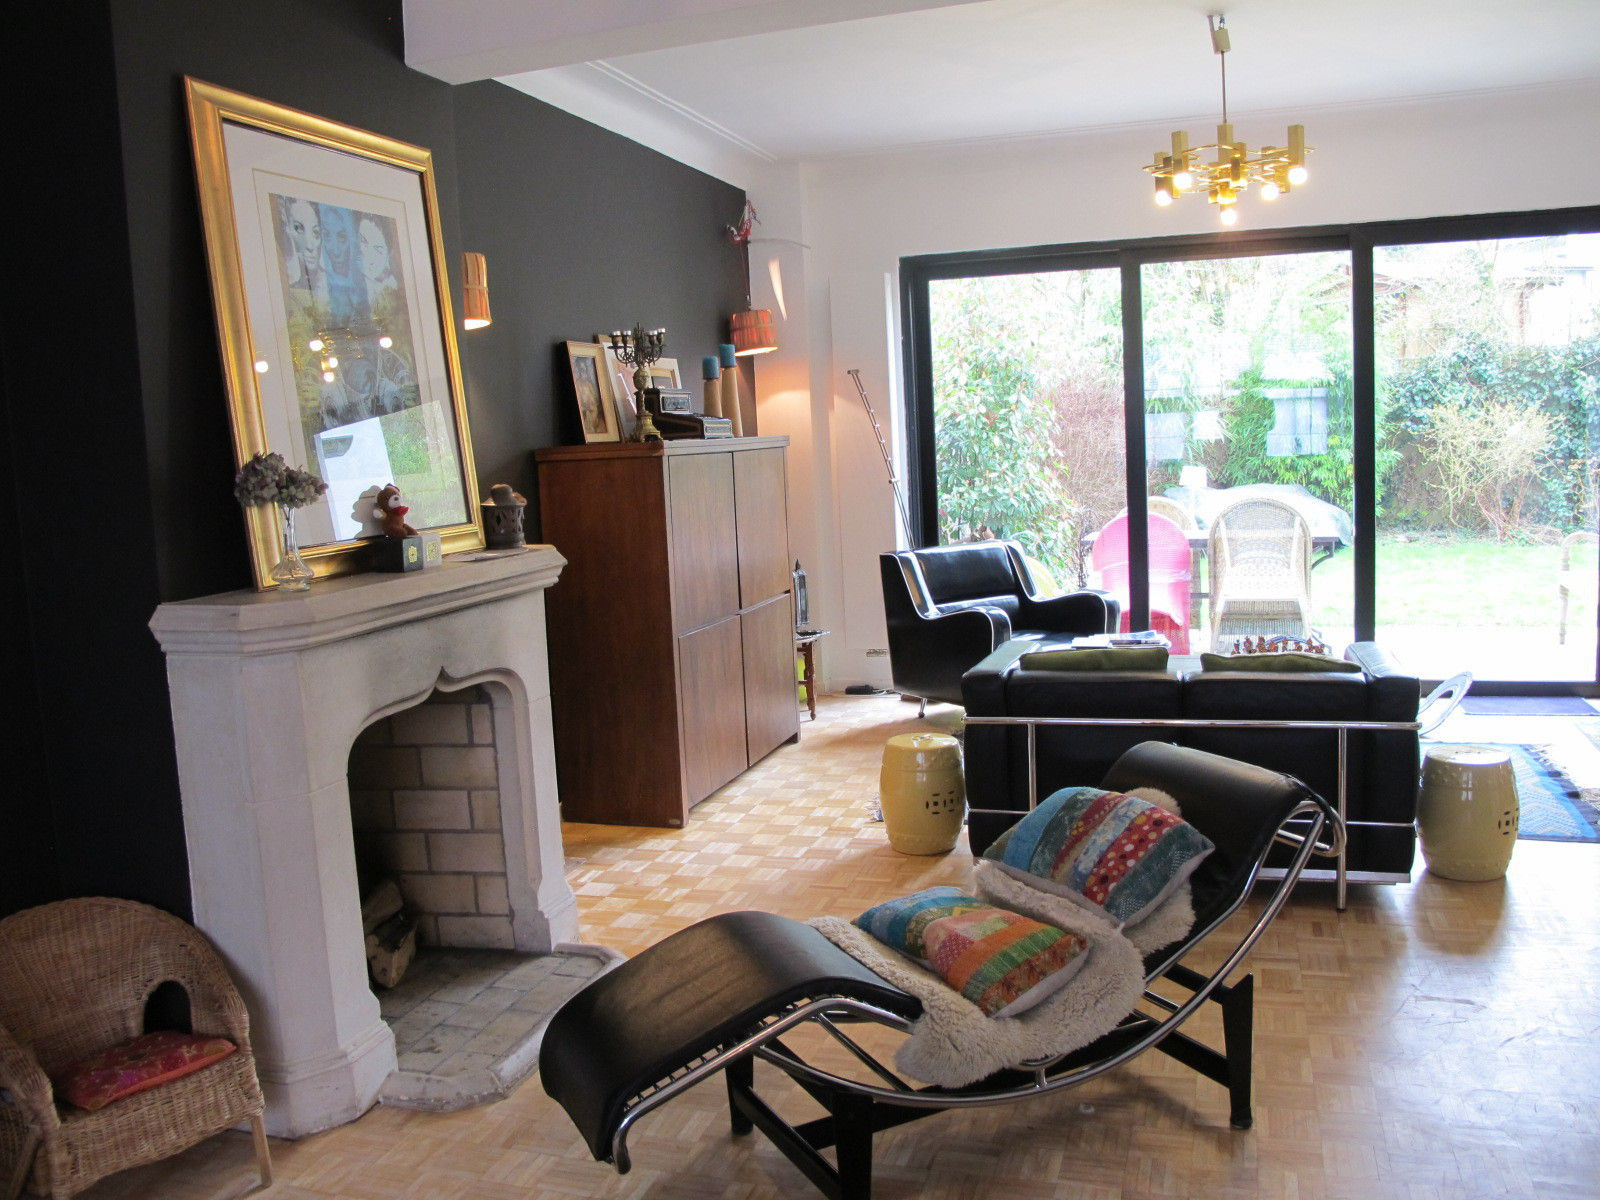 Belle maison à uccle(Bruxelles) au vert. moderne lumineuse et ...